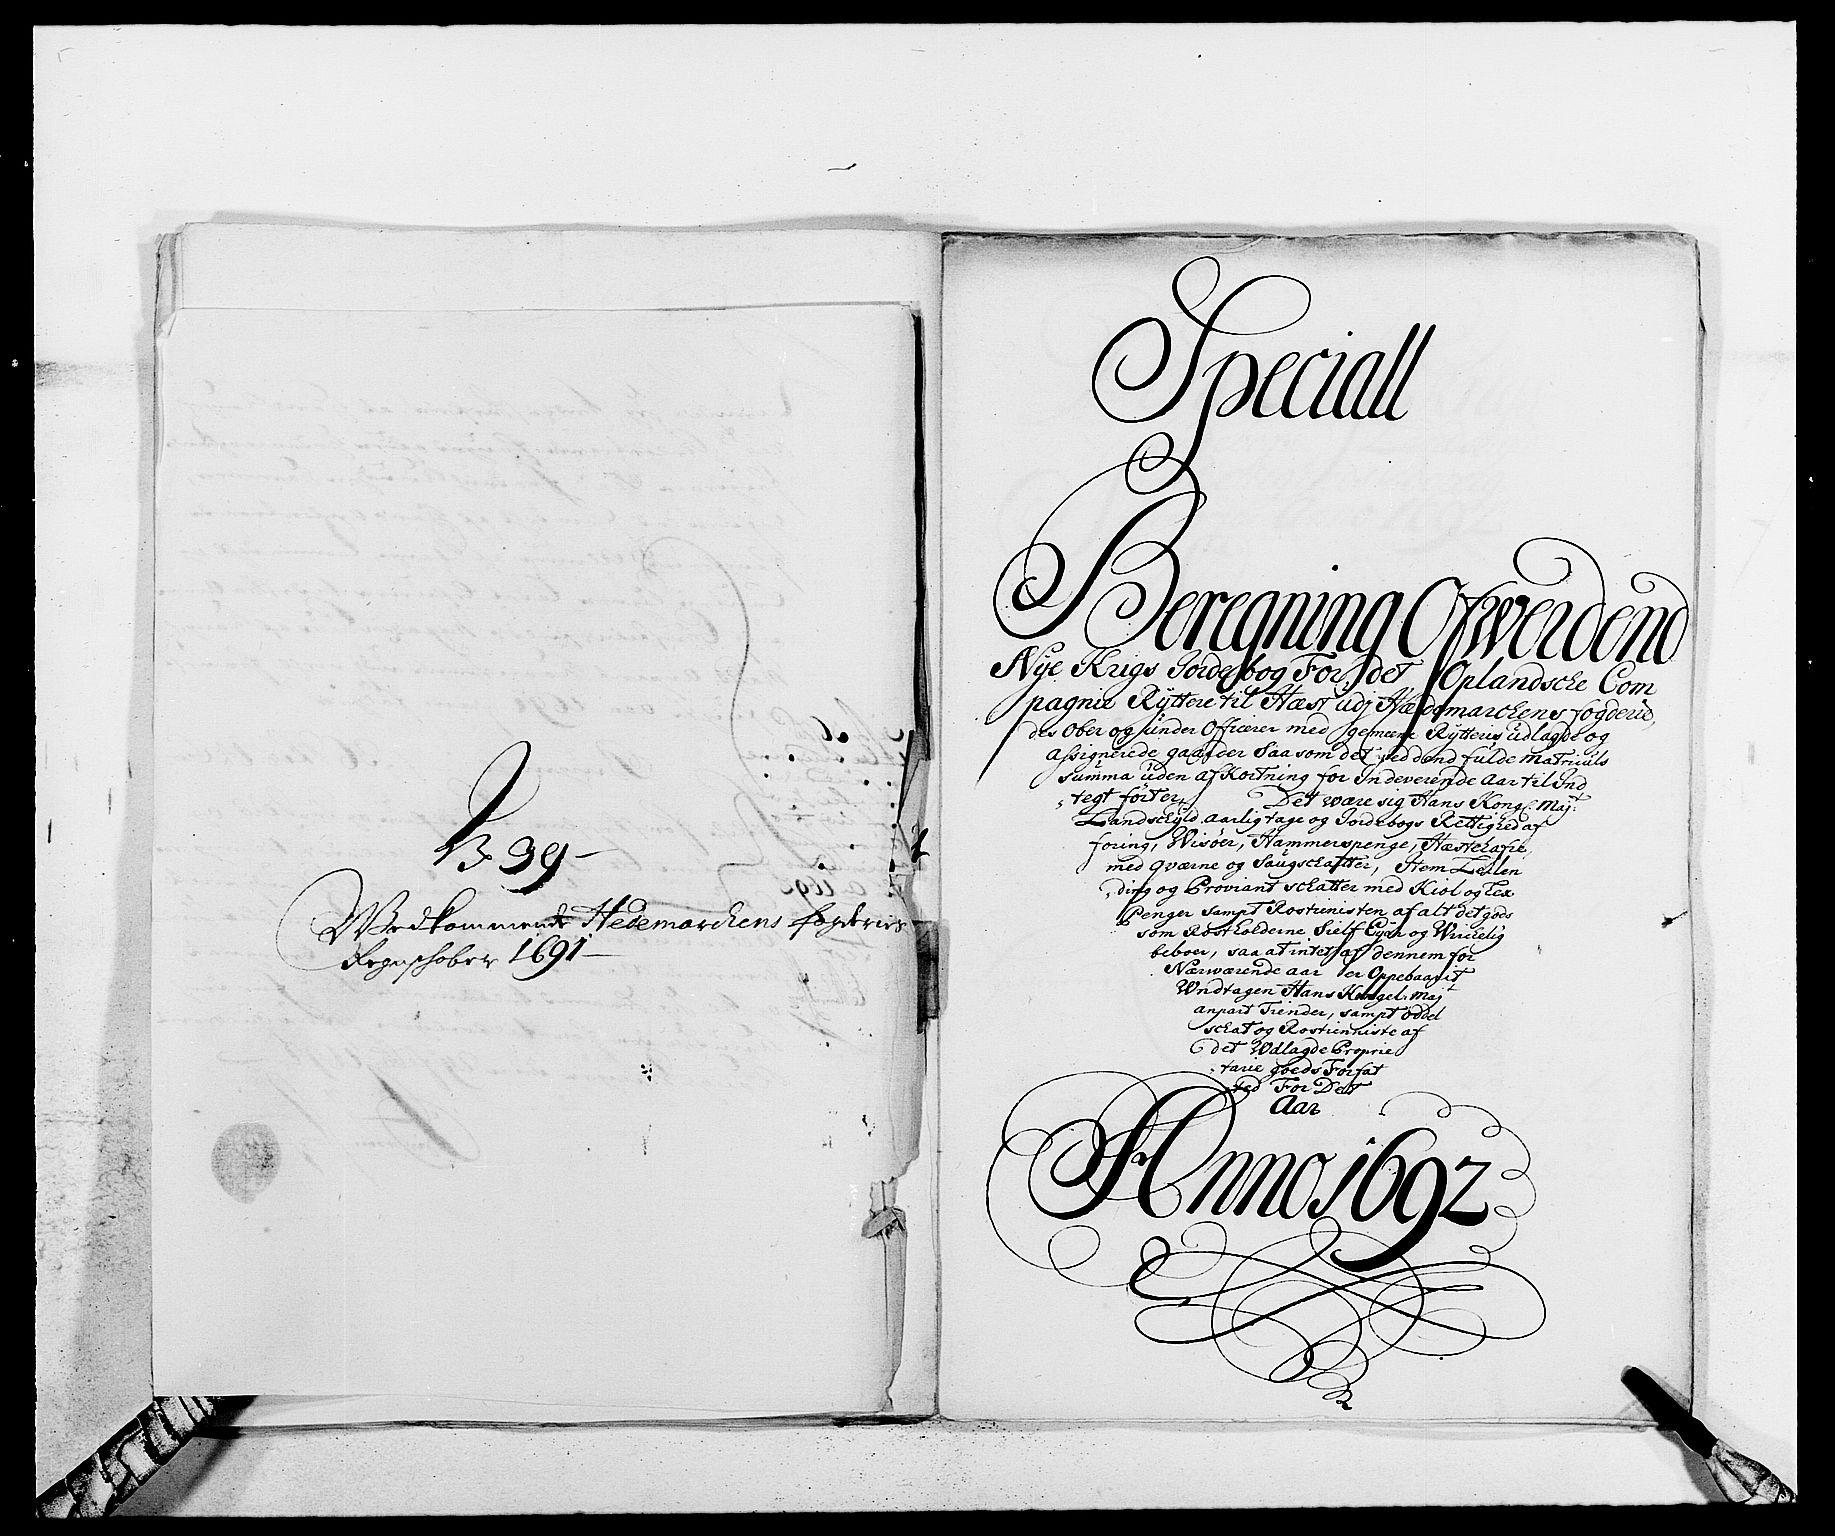 RA, Rentekammeret inntil 1814, Reviderte regnskaper, Fogderegnskap, R16/L1032: Fogderegnskap Hedmark, 1689-1692, s. 79